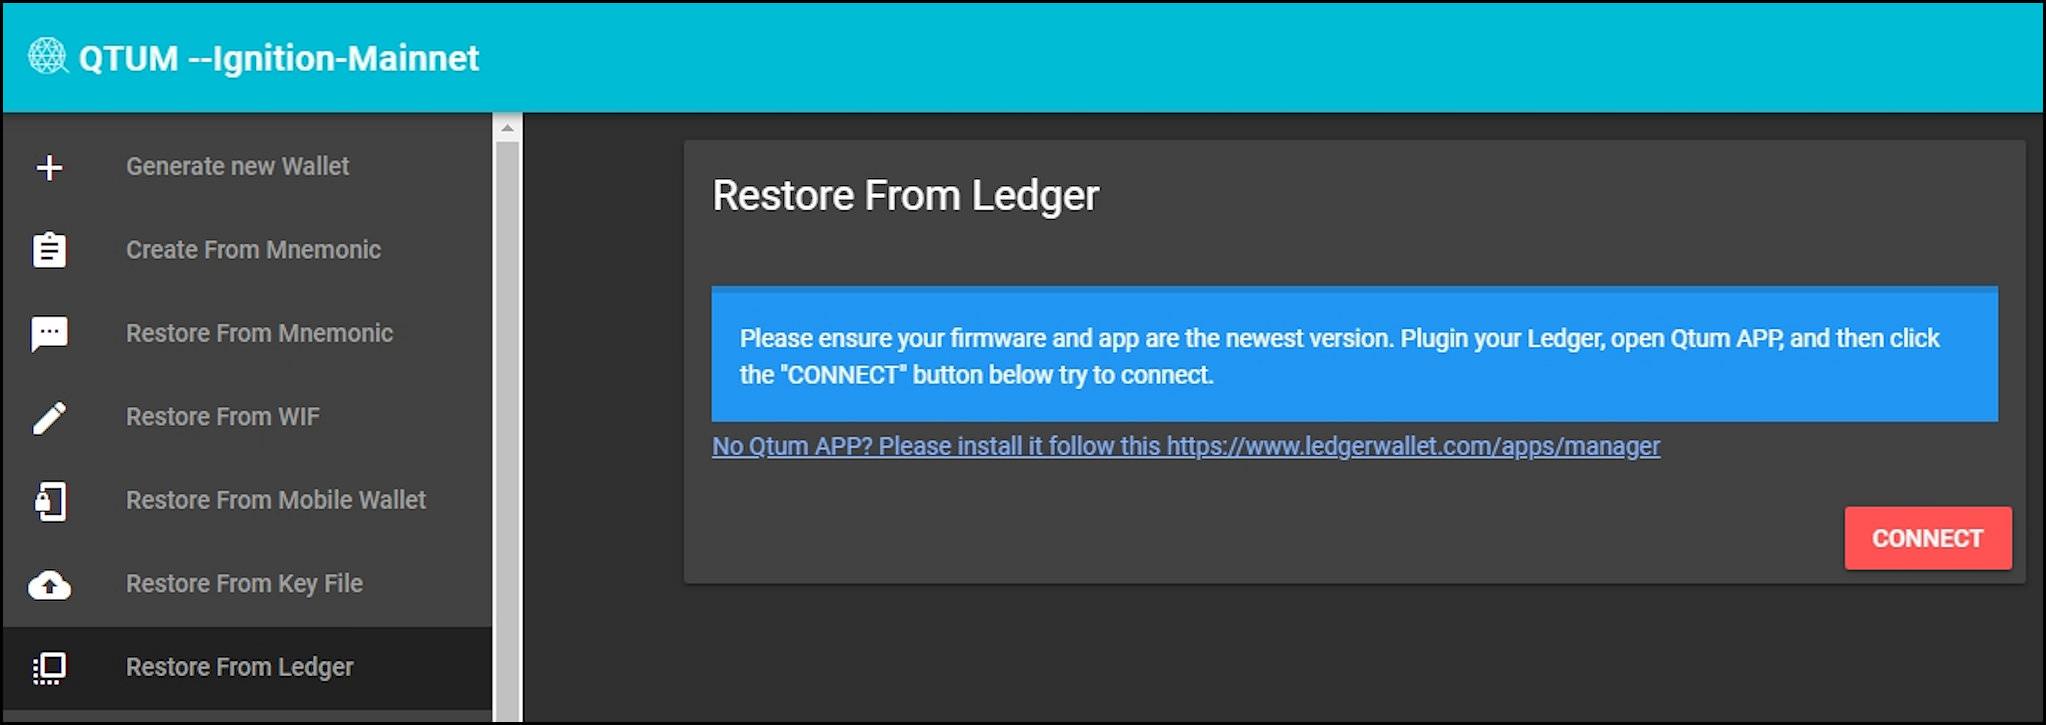 14. Restore from Ledger EN